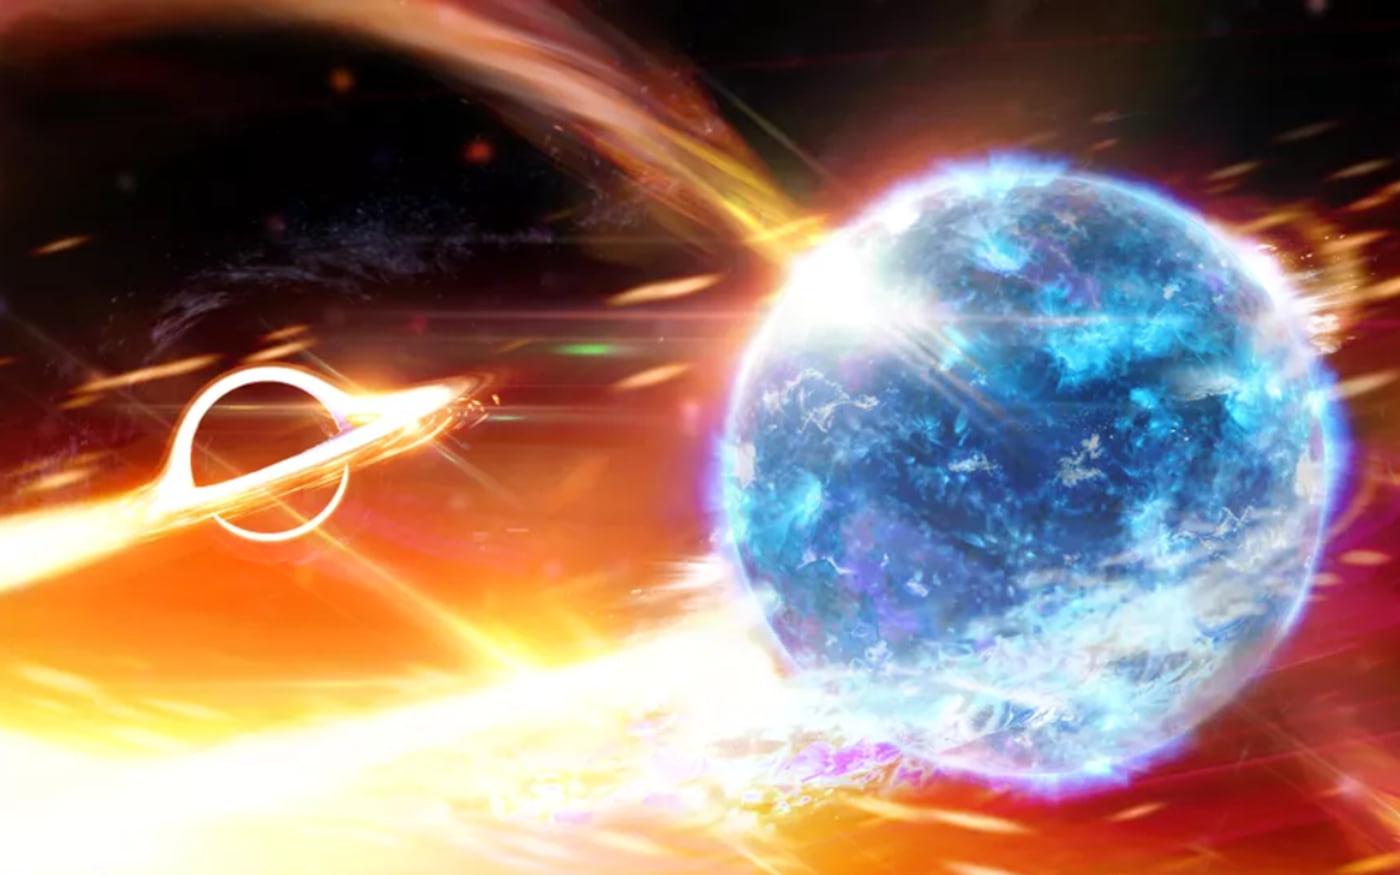 Buraco Negro engoliu uma estrela de nêutrons e causou ondulações no espaço-tempo